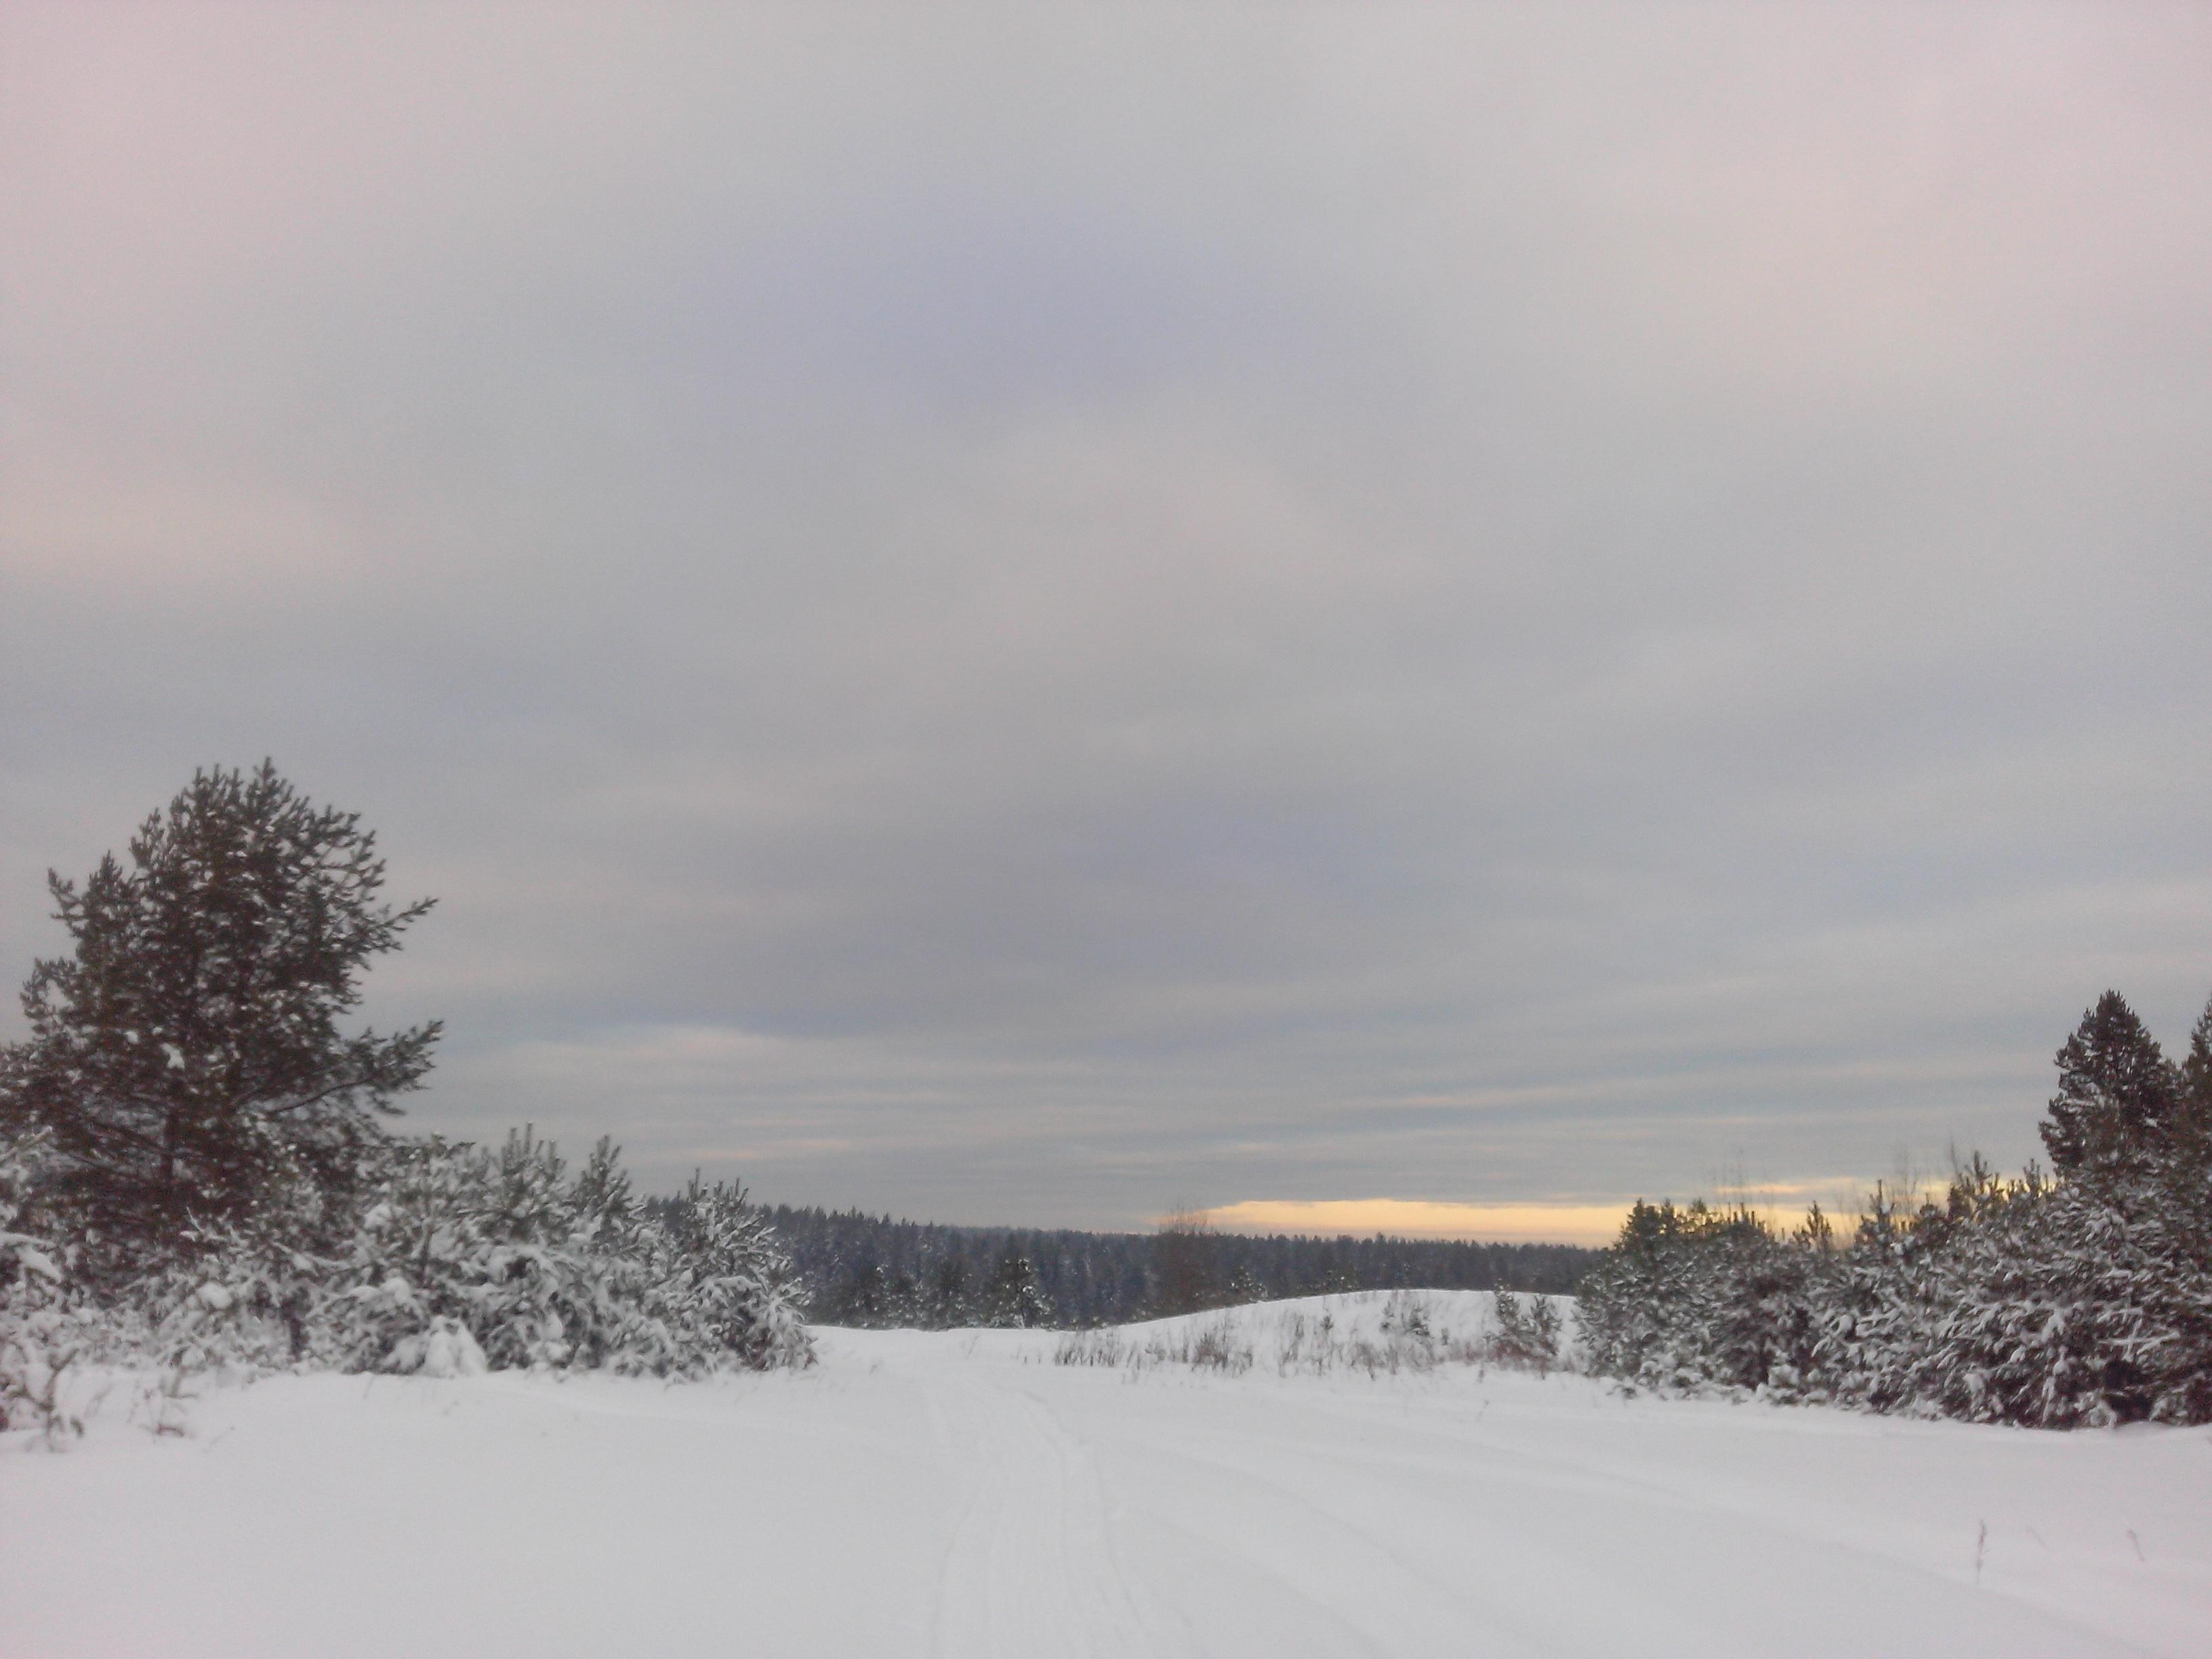 Зимнее небо. Блиц: облака